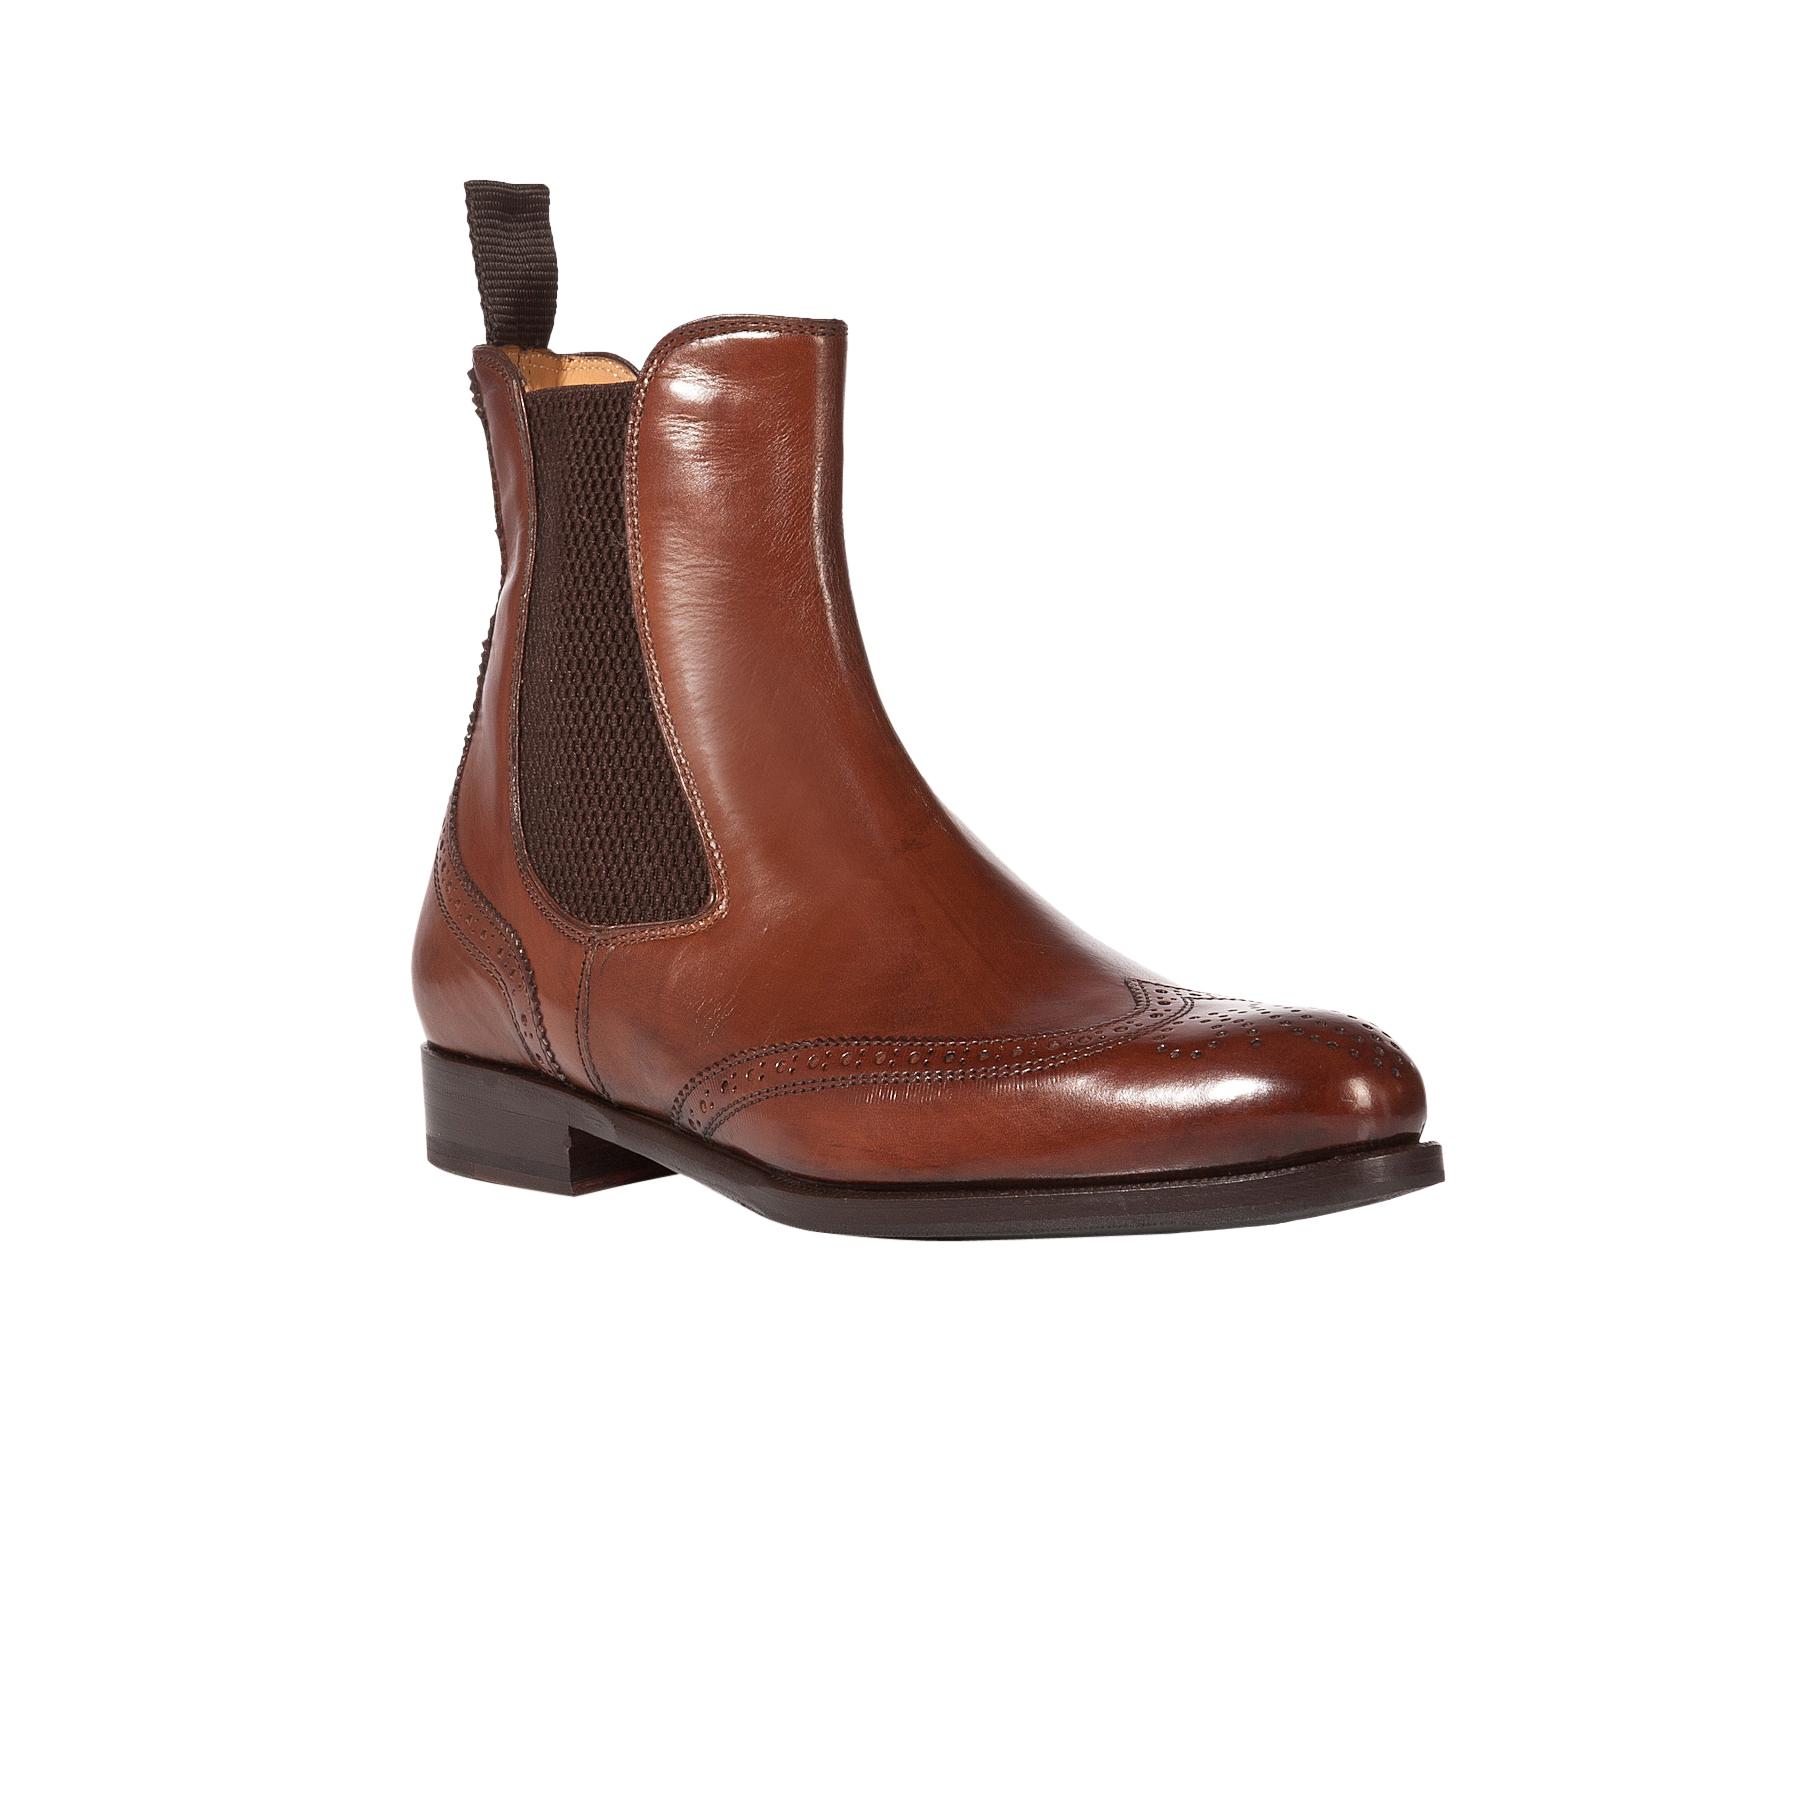 Buy Borgioli Shoes